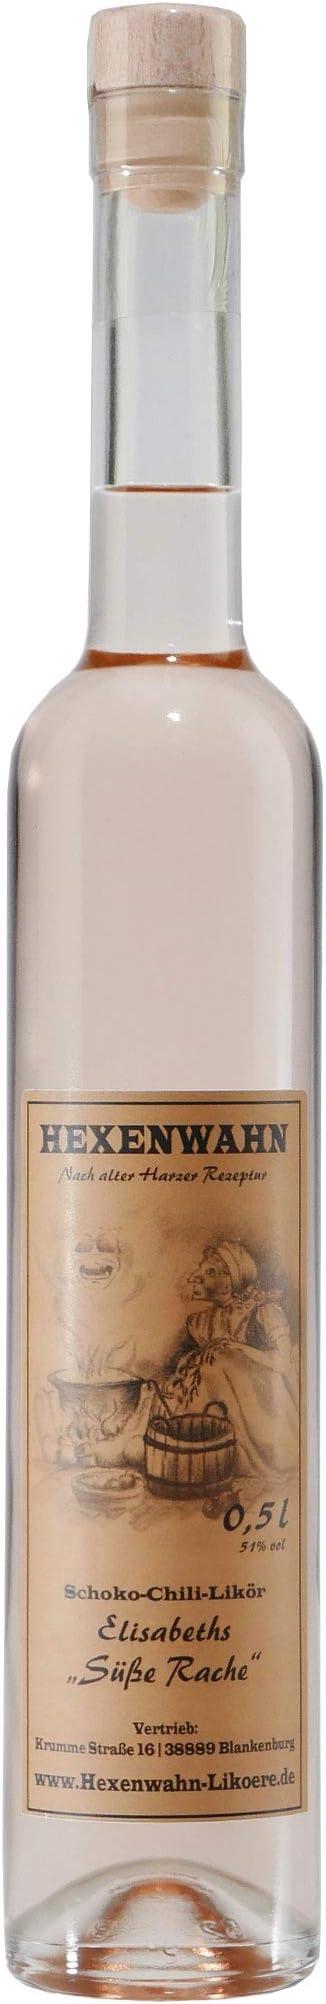 Hexenwahn Elisabeths Susse Rache Schoko Chili Likor Amazon De Bier Wein Spirituosen